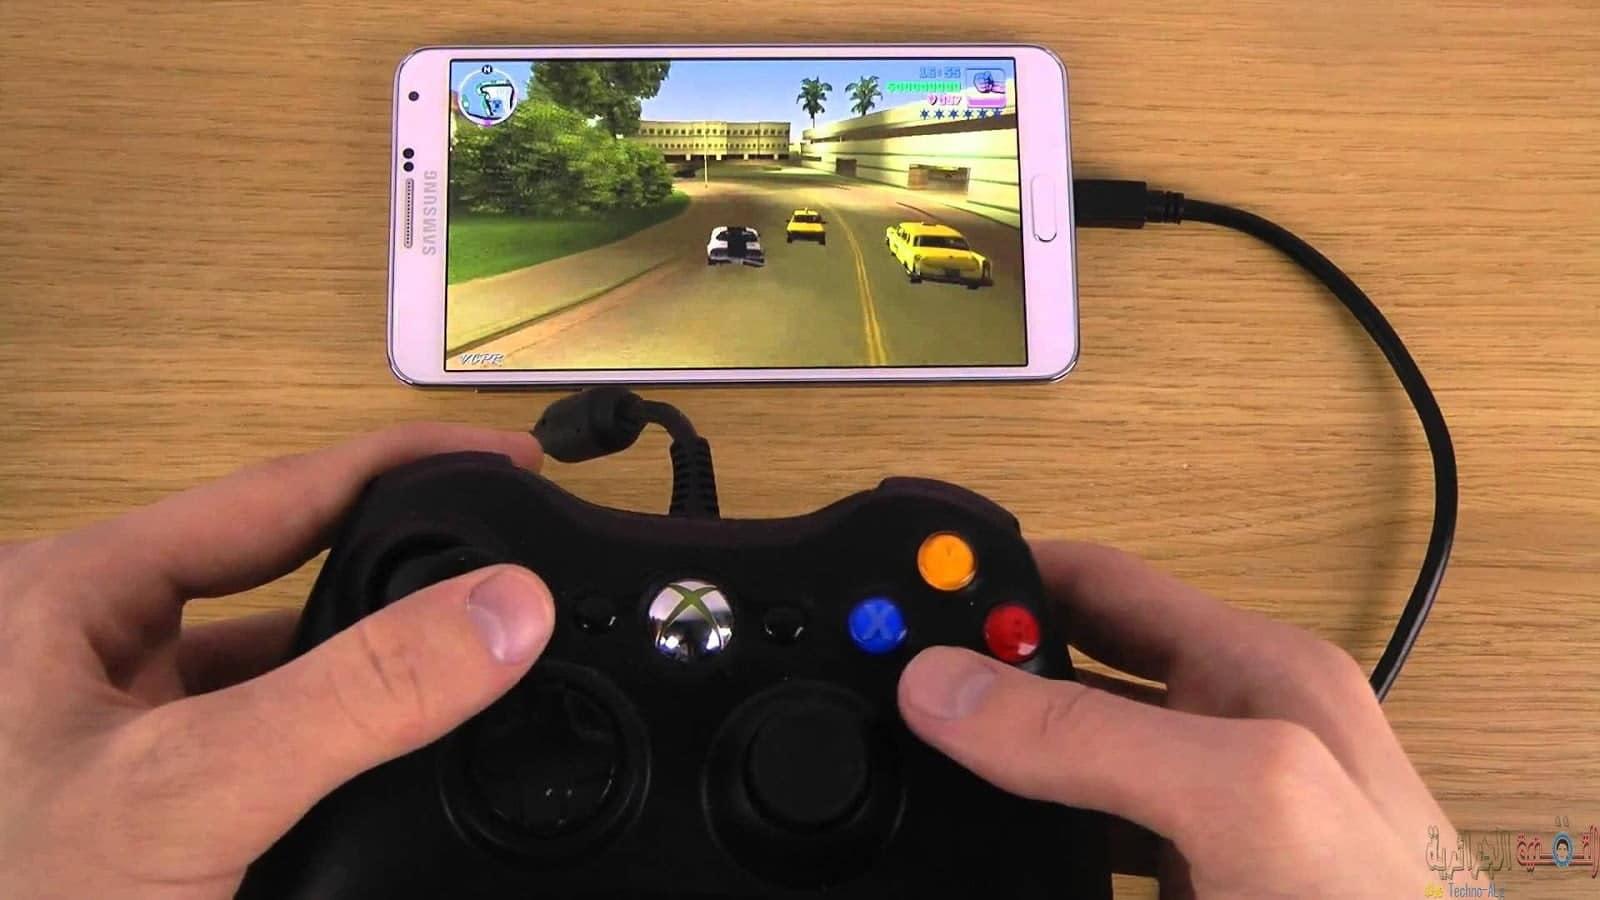 5ccca5cd1a547 maxresdefault DzTechs - تطبيق Android و iOS يمكنك من تحميل الألعاب الضخمة مع الداتا مجانا